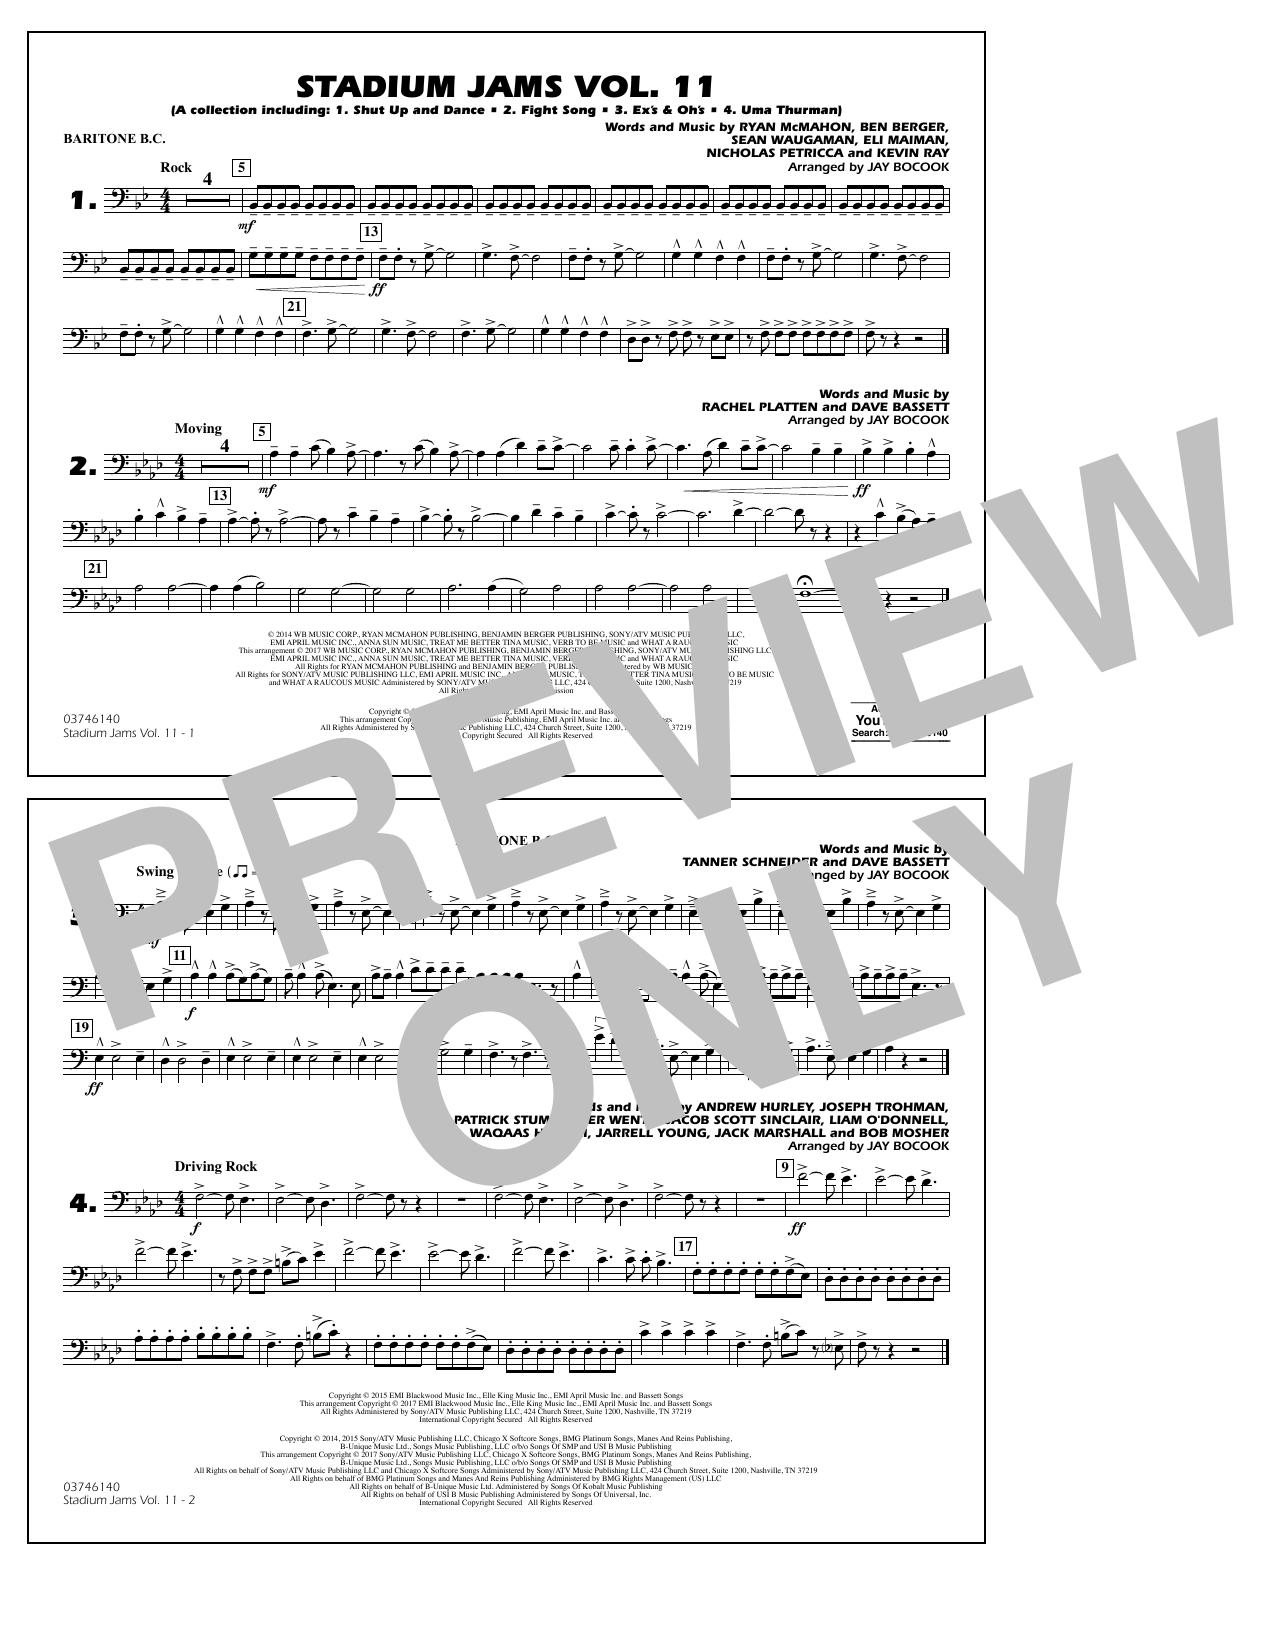 Stadium Jams Volume 11 - Baritone B.C. Partituras Digitales